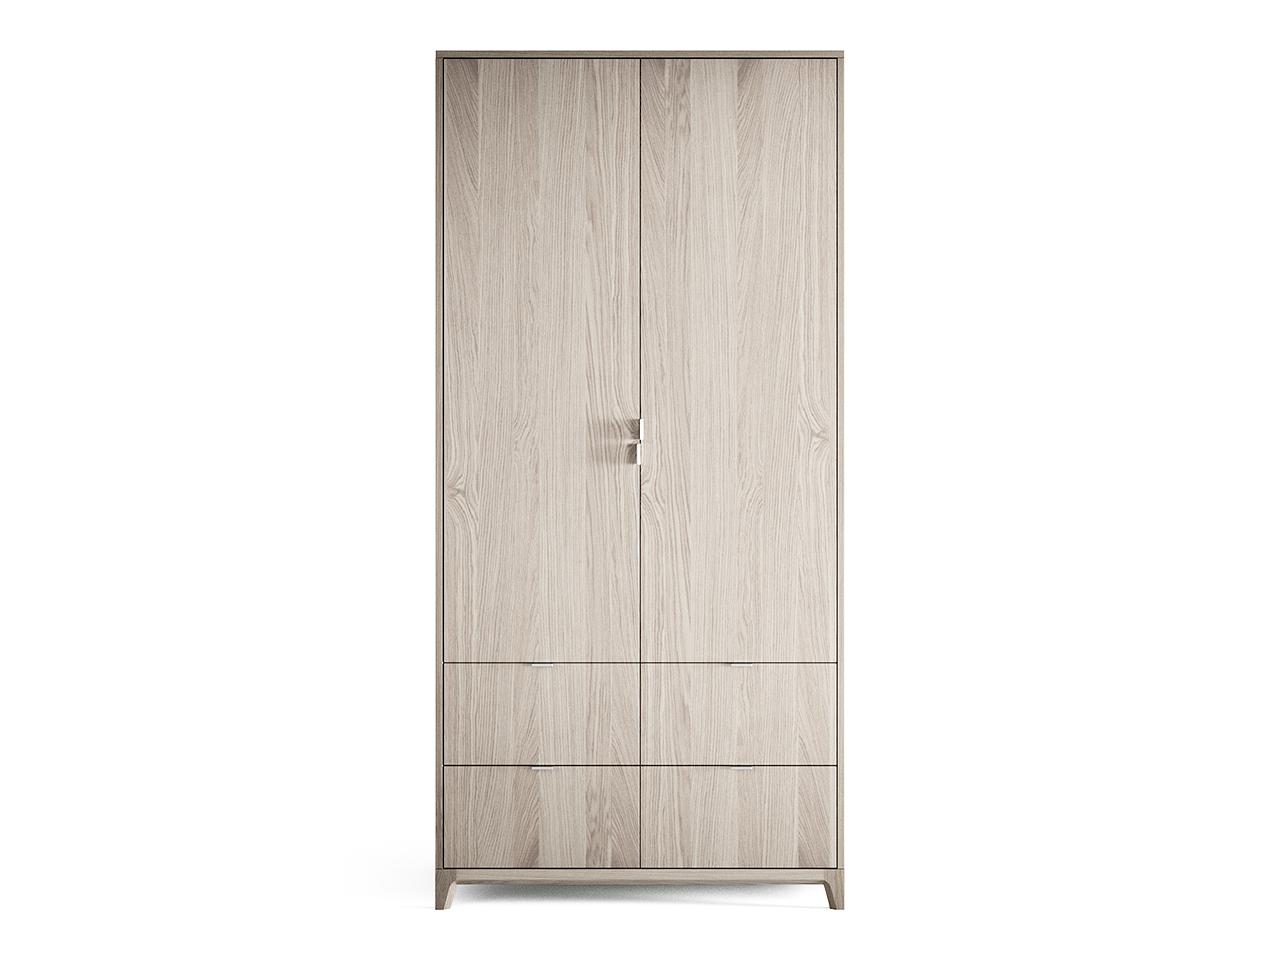 Шкаф Case №4 (беленый)Платяные шкафы<br>Компактный шкаф CASE №4 сочетает в себе продуманную структуру и современный дизайн впишется даже в самое небольшое уютное помещение.В новом варианте предлагаются ящики с внешними фасадами, а также обновленное наполнение шкафов. Внутри комфортно расположены полки и штанги для вешалок, сплошная перфорация позволяет устанавливать полки в удобном положении.<br><br>Material: Дуб<br>Ширина см: 100.0<br>Высота см: 210.0<br>Глубина см: 60.0